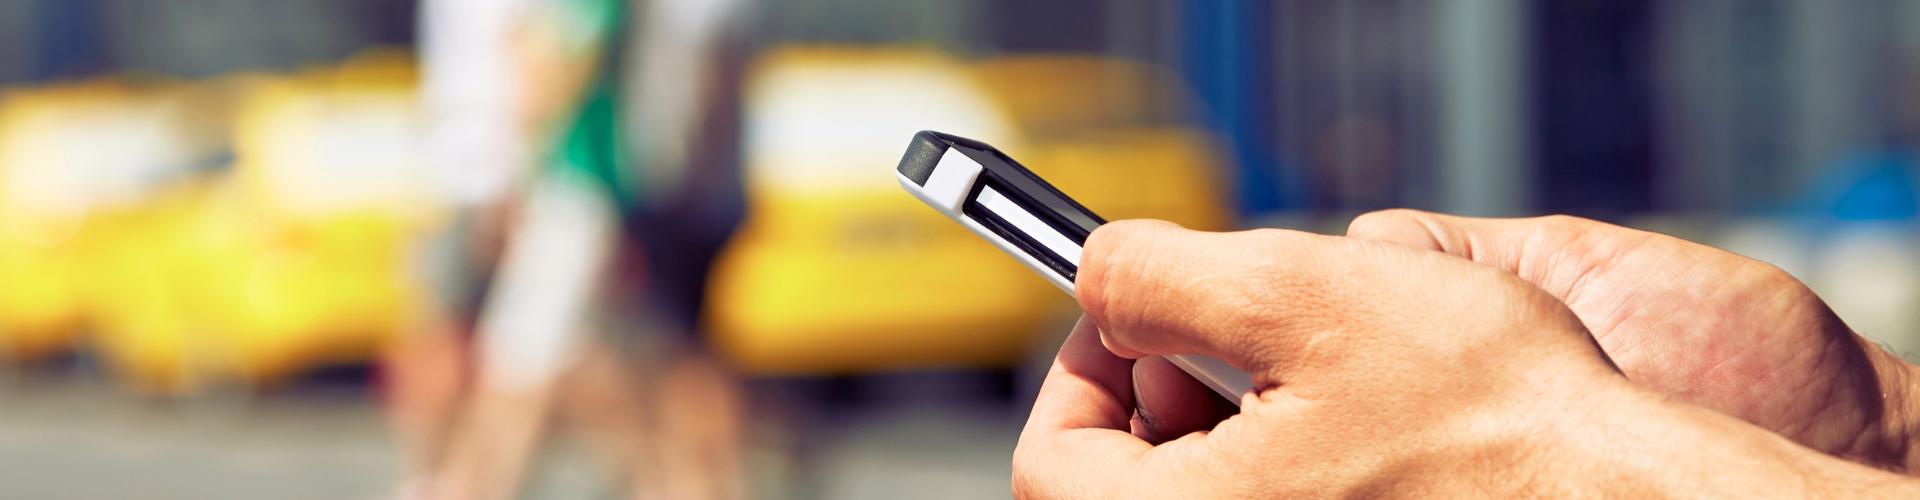 Bestel heel makkelijk online je taxi via je telefoon